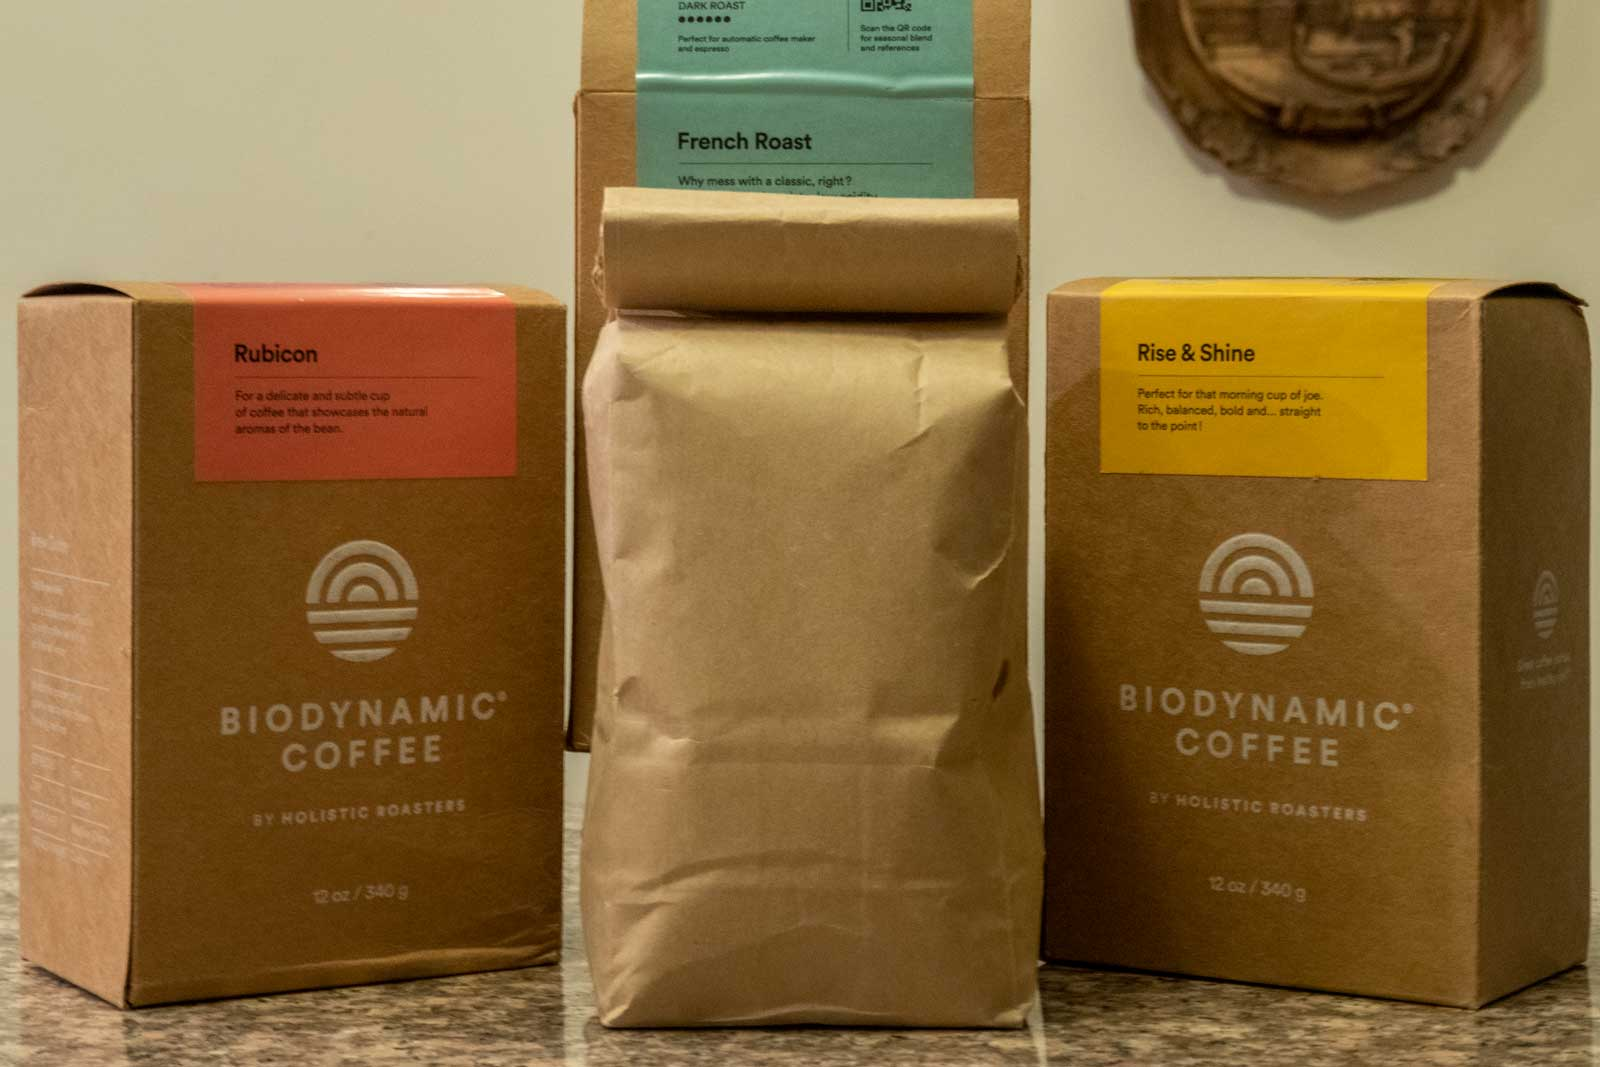 Biodynamic Coffee